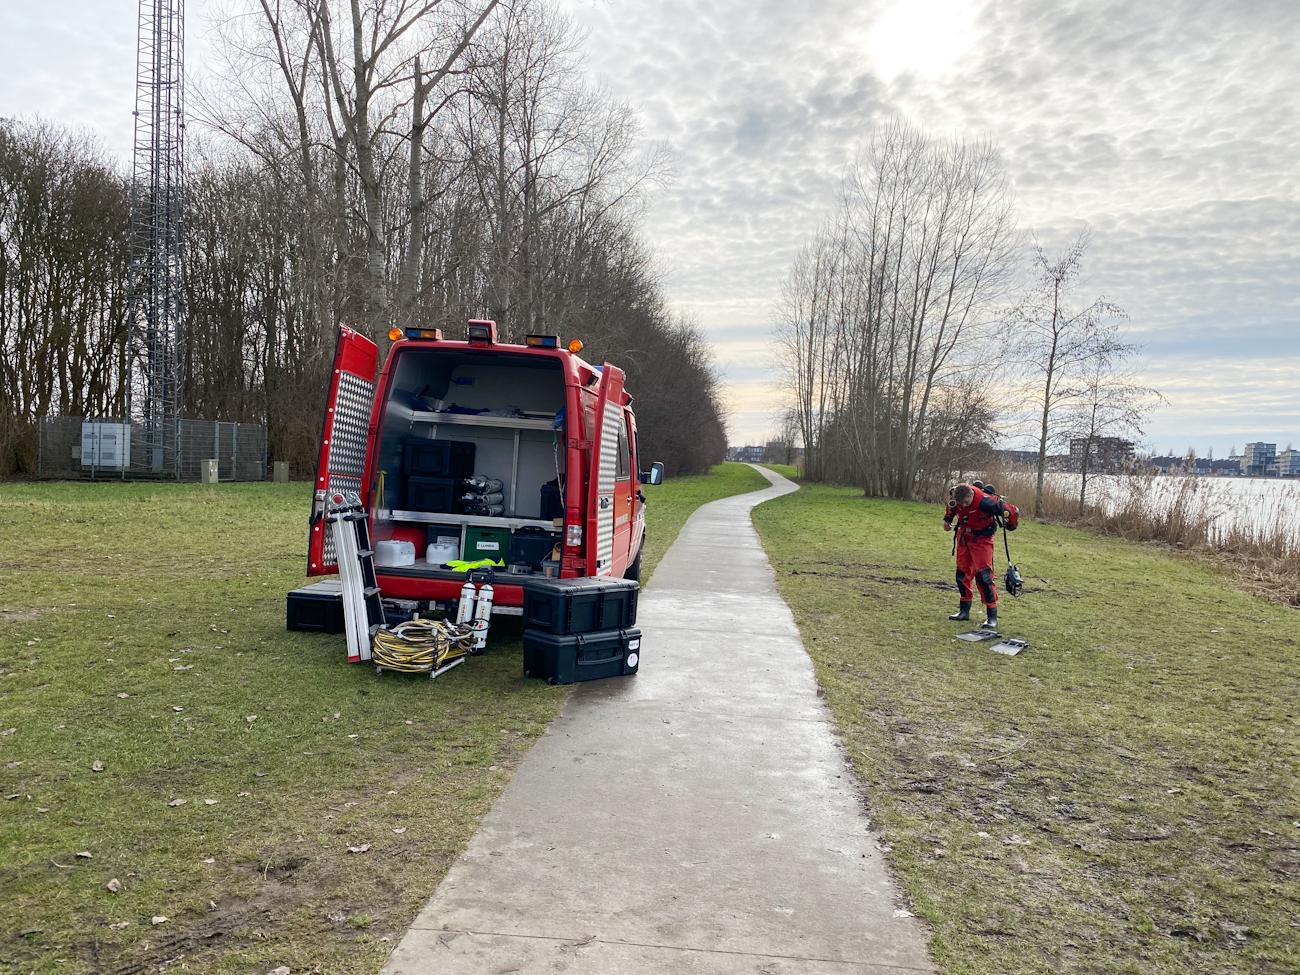 Duikers brandweer oefenen